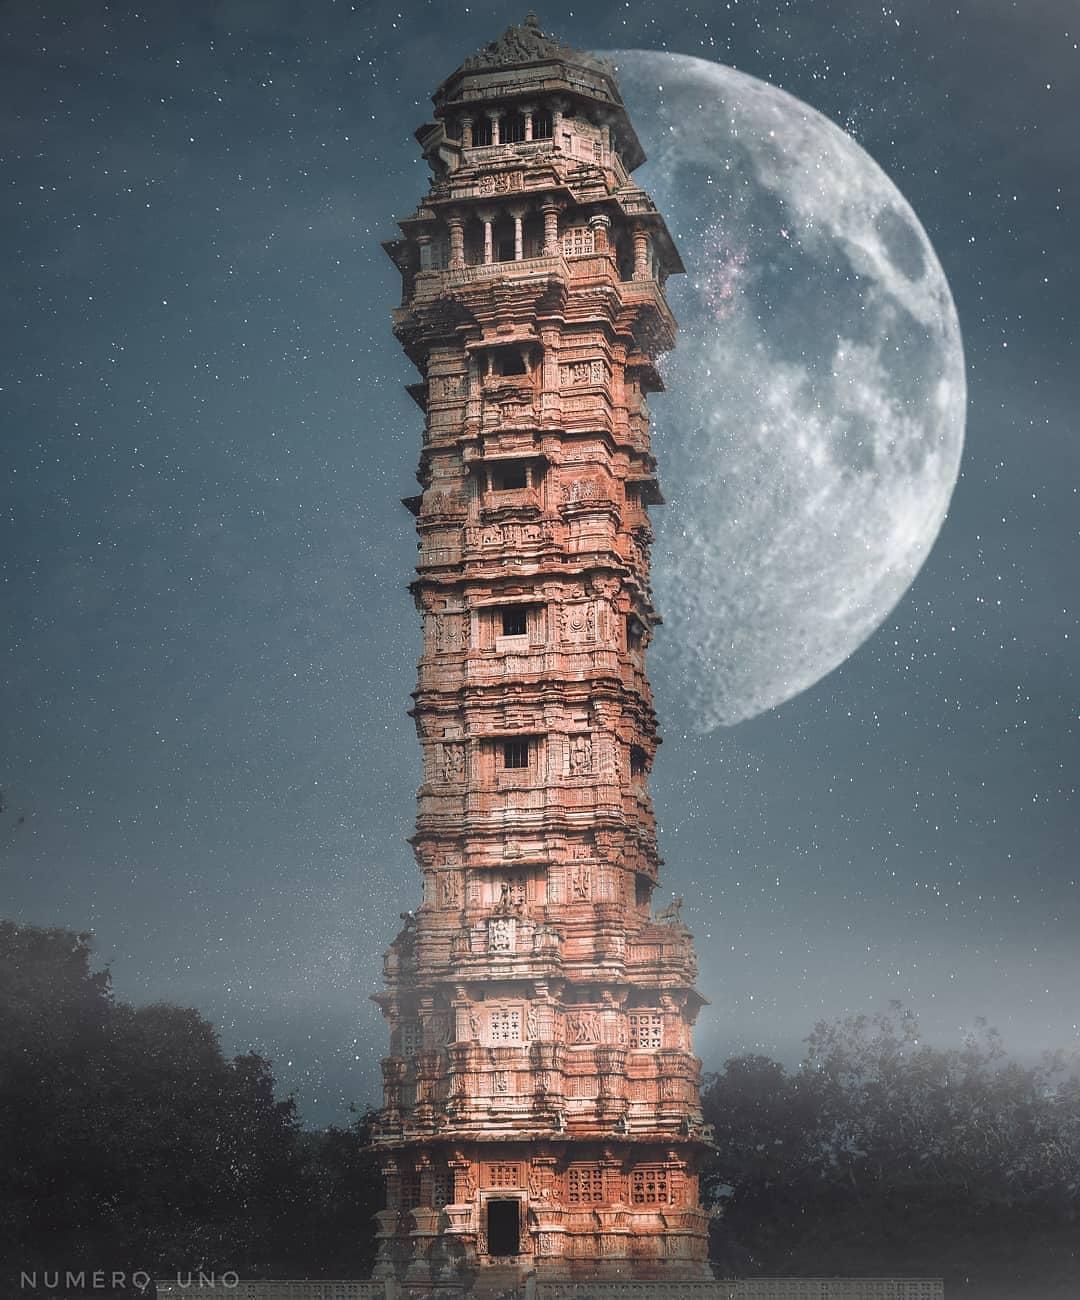 राणा कुम्भा का इतिहास, विजय स्तम्भ